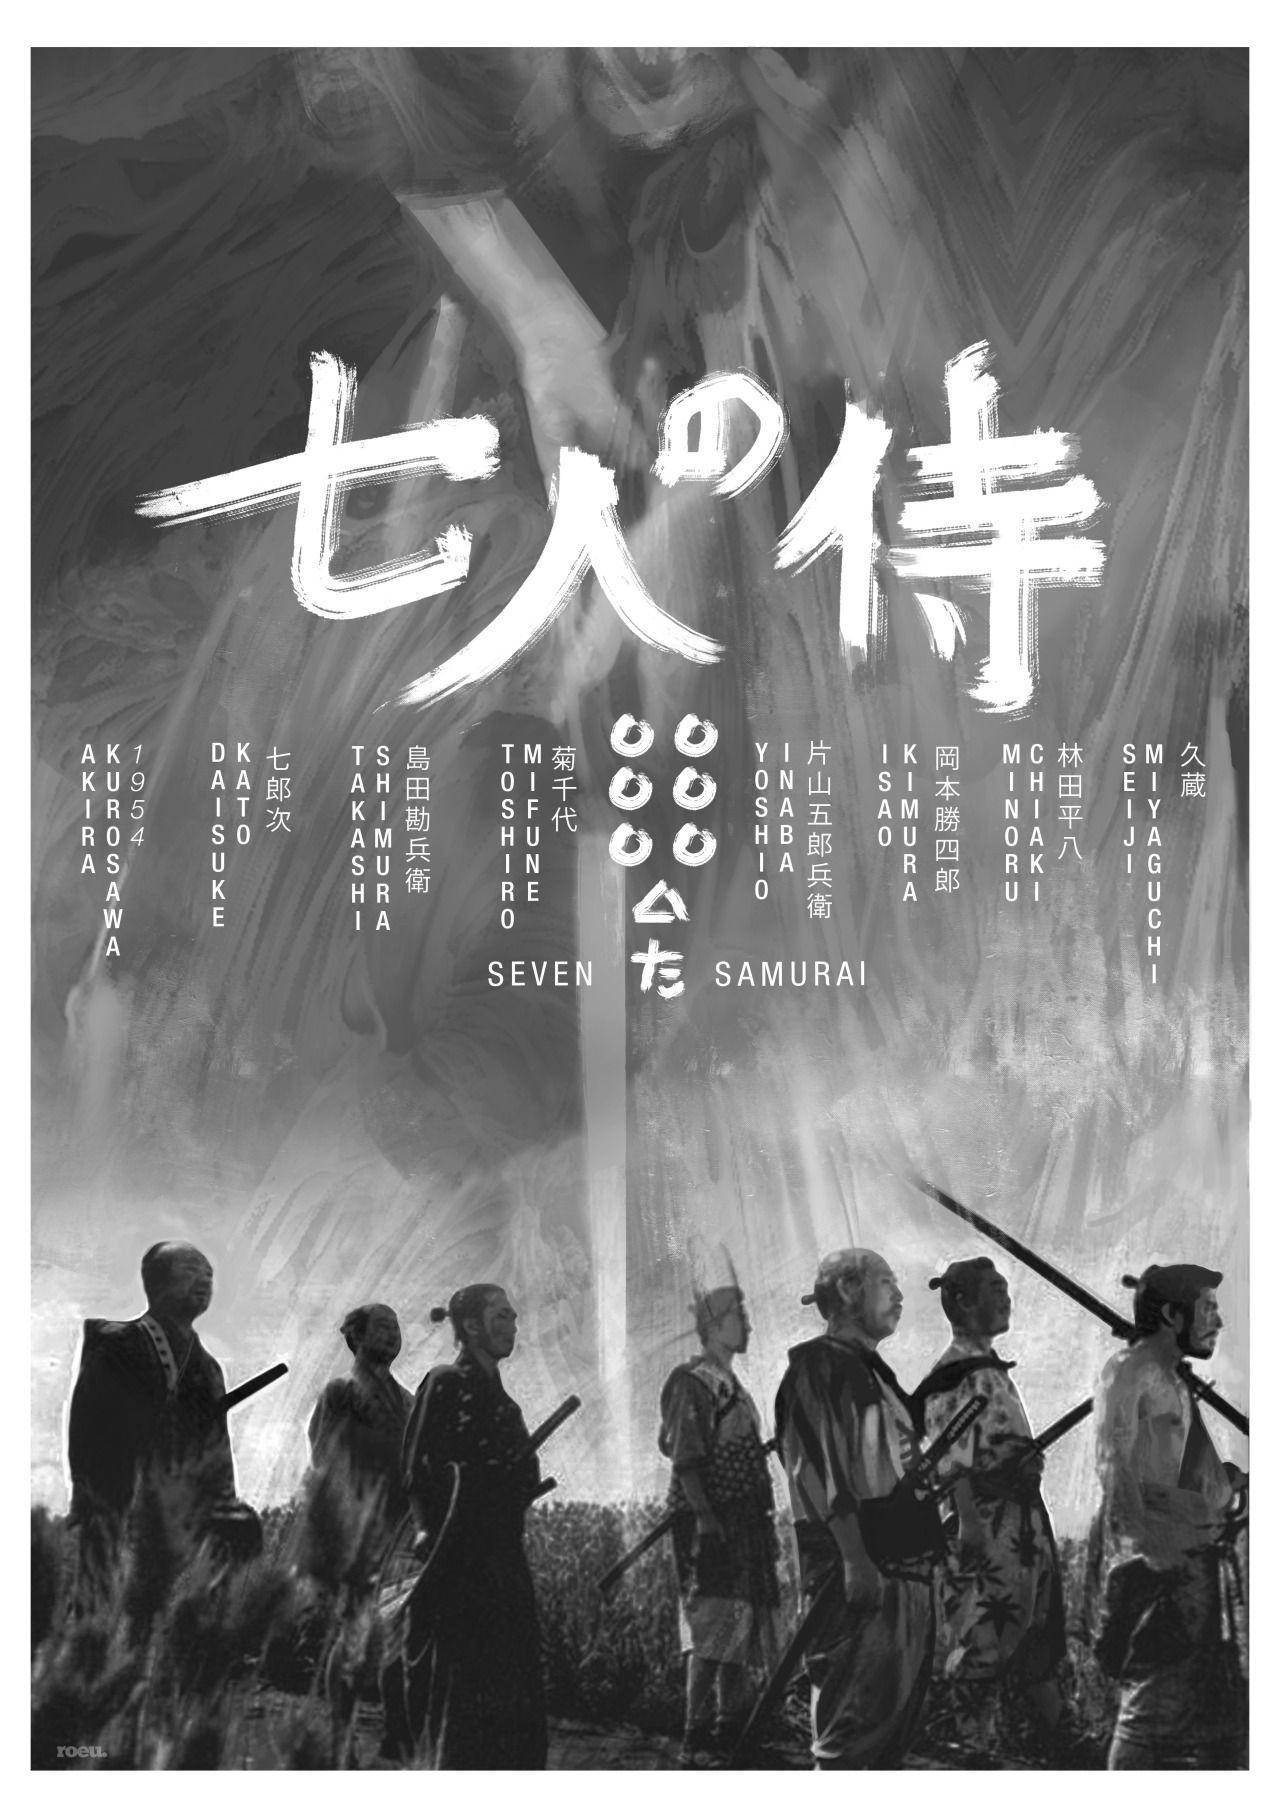 Seven Samurai (1954, Directed by Akira Kurosawa) in 2020